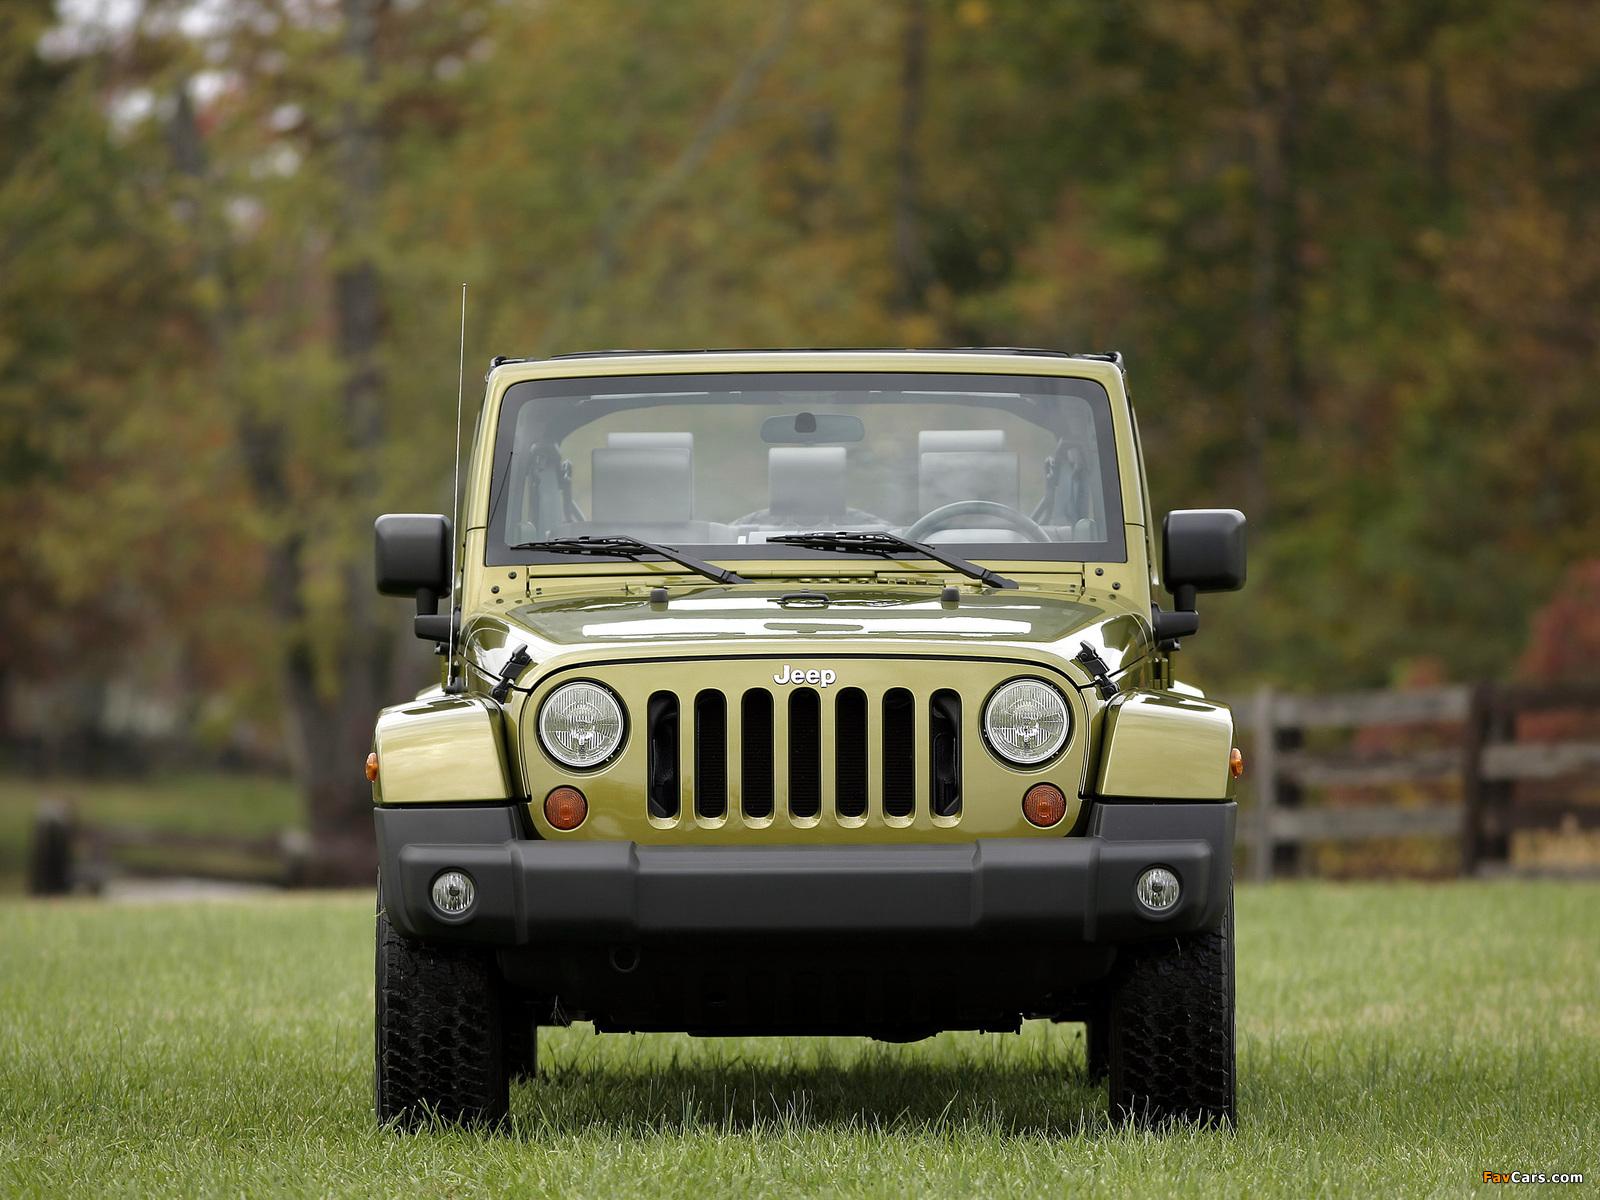 Jeep Wrangler Unlimited Sahara EU-spec (JK) 2007 pictures (1600 x 1200)